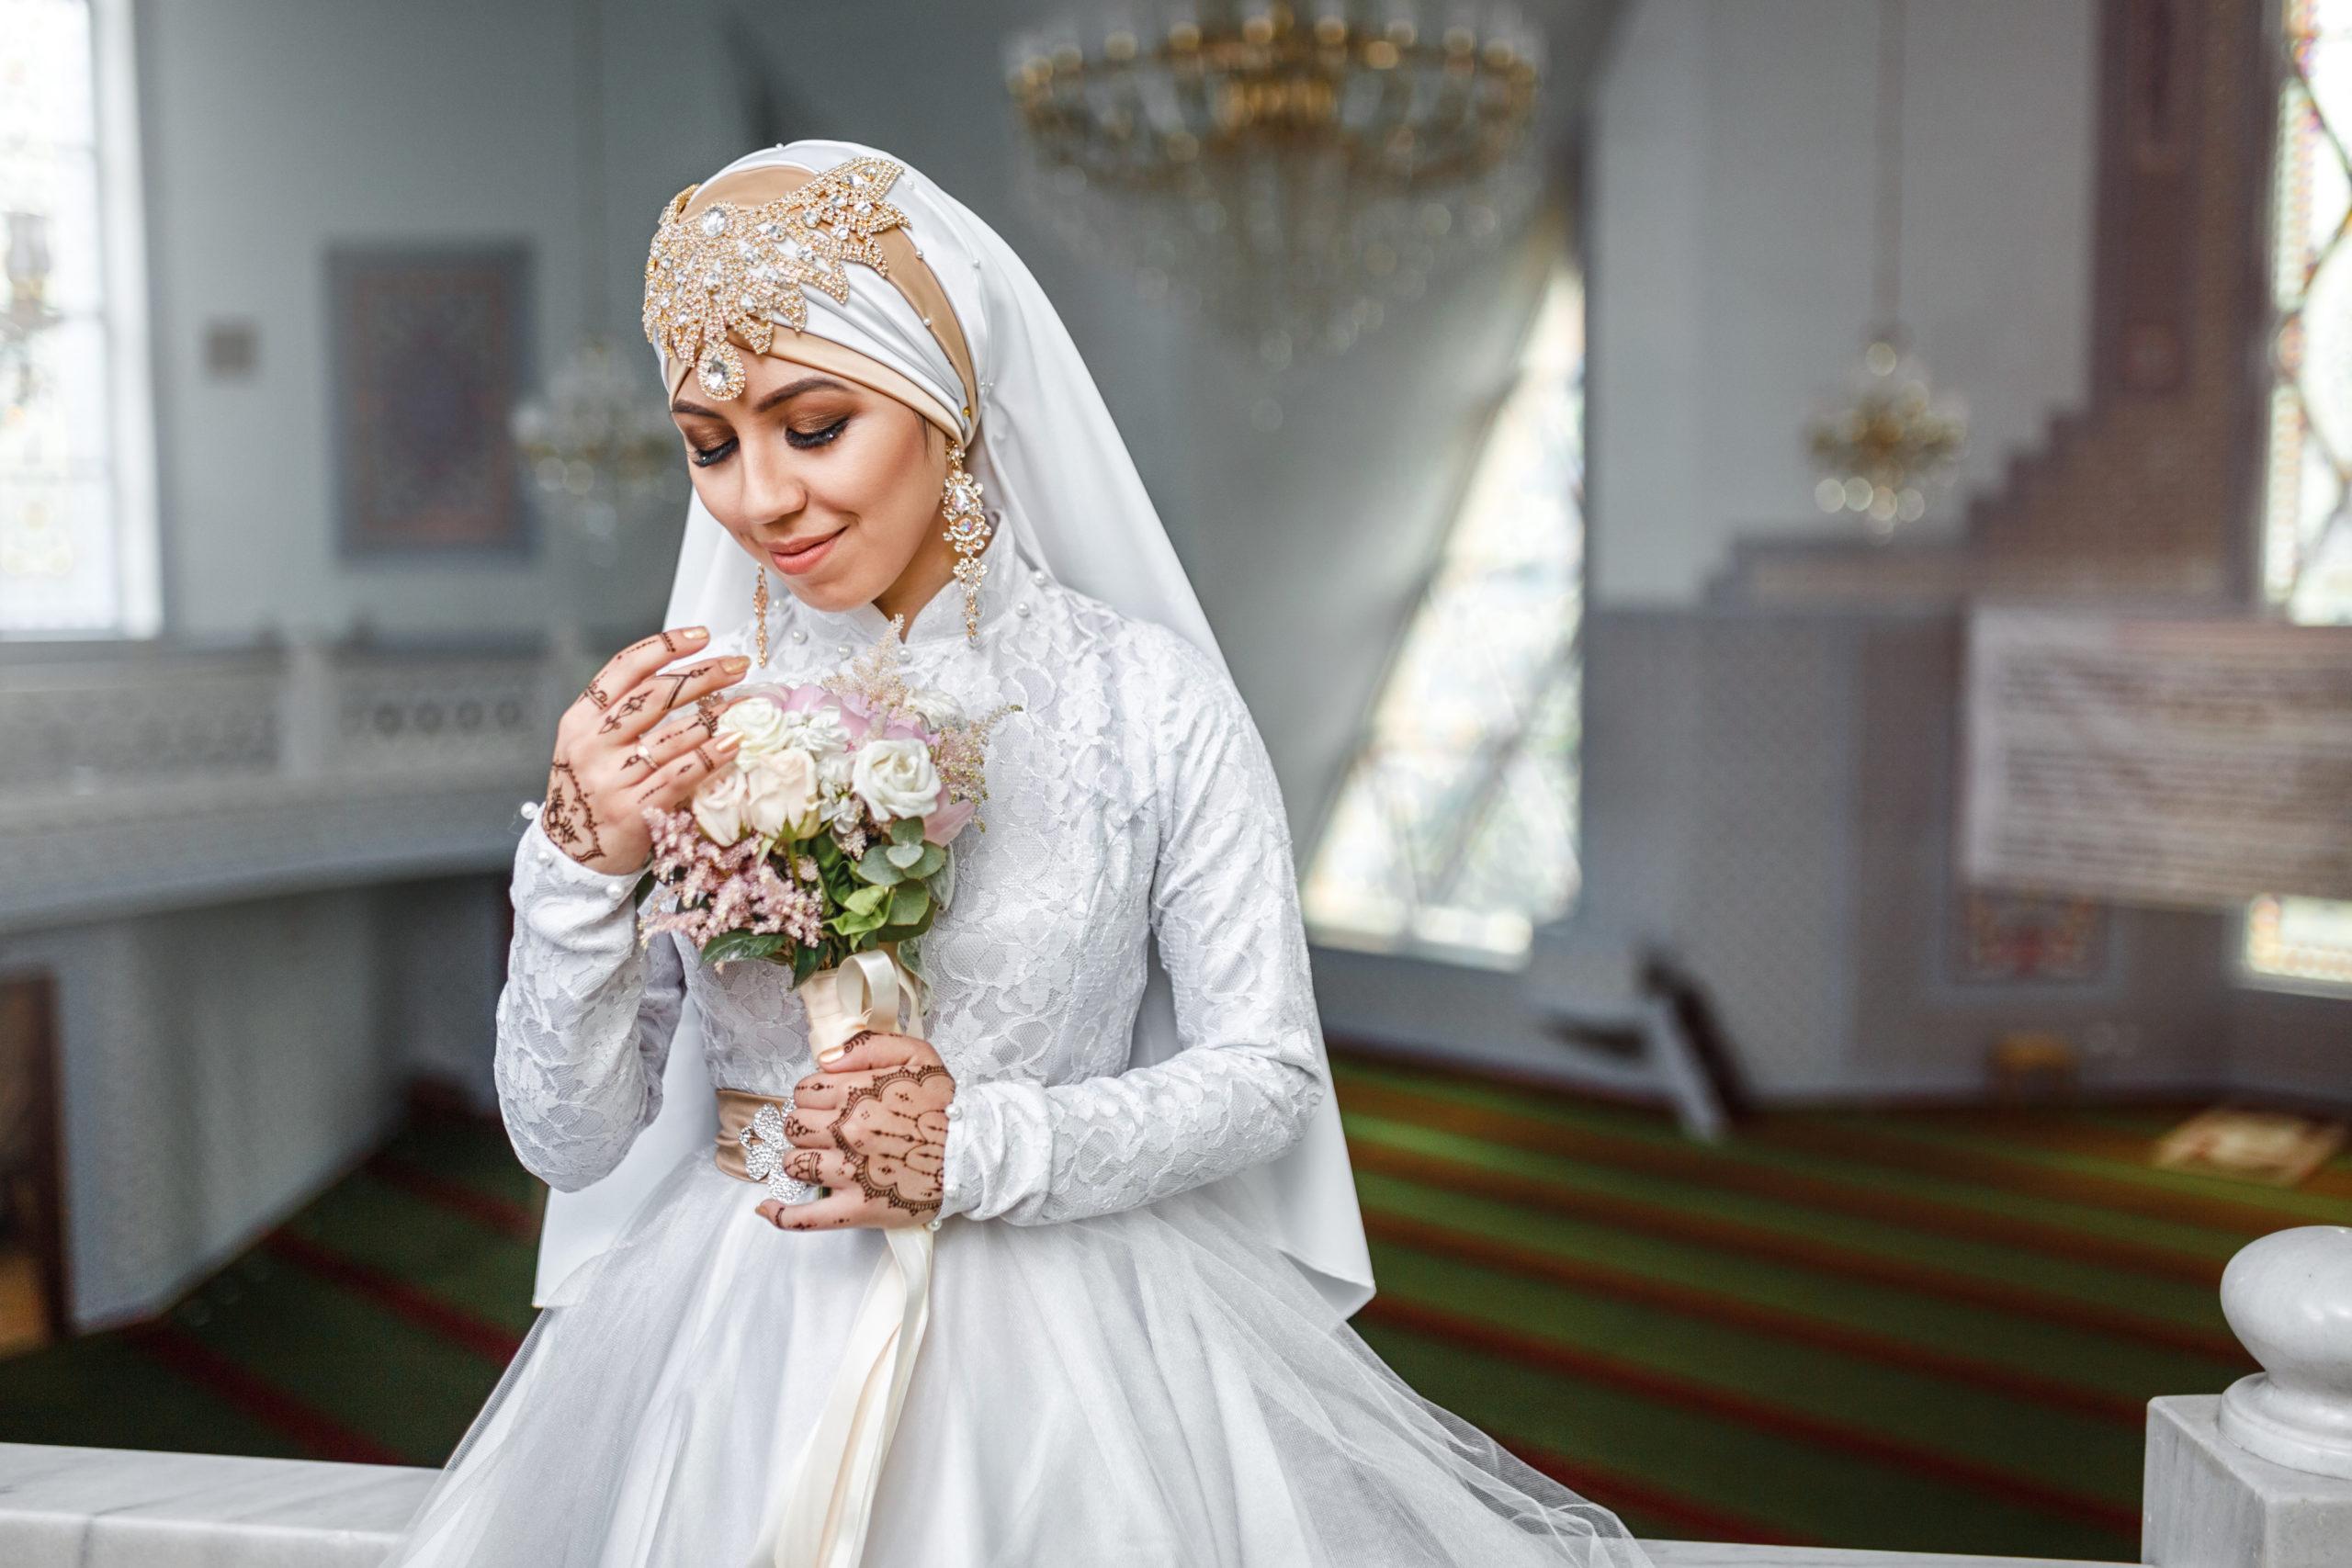 Türkische Hochzeit – eine Hochzeitszeremonie voller Bräuche und